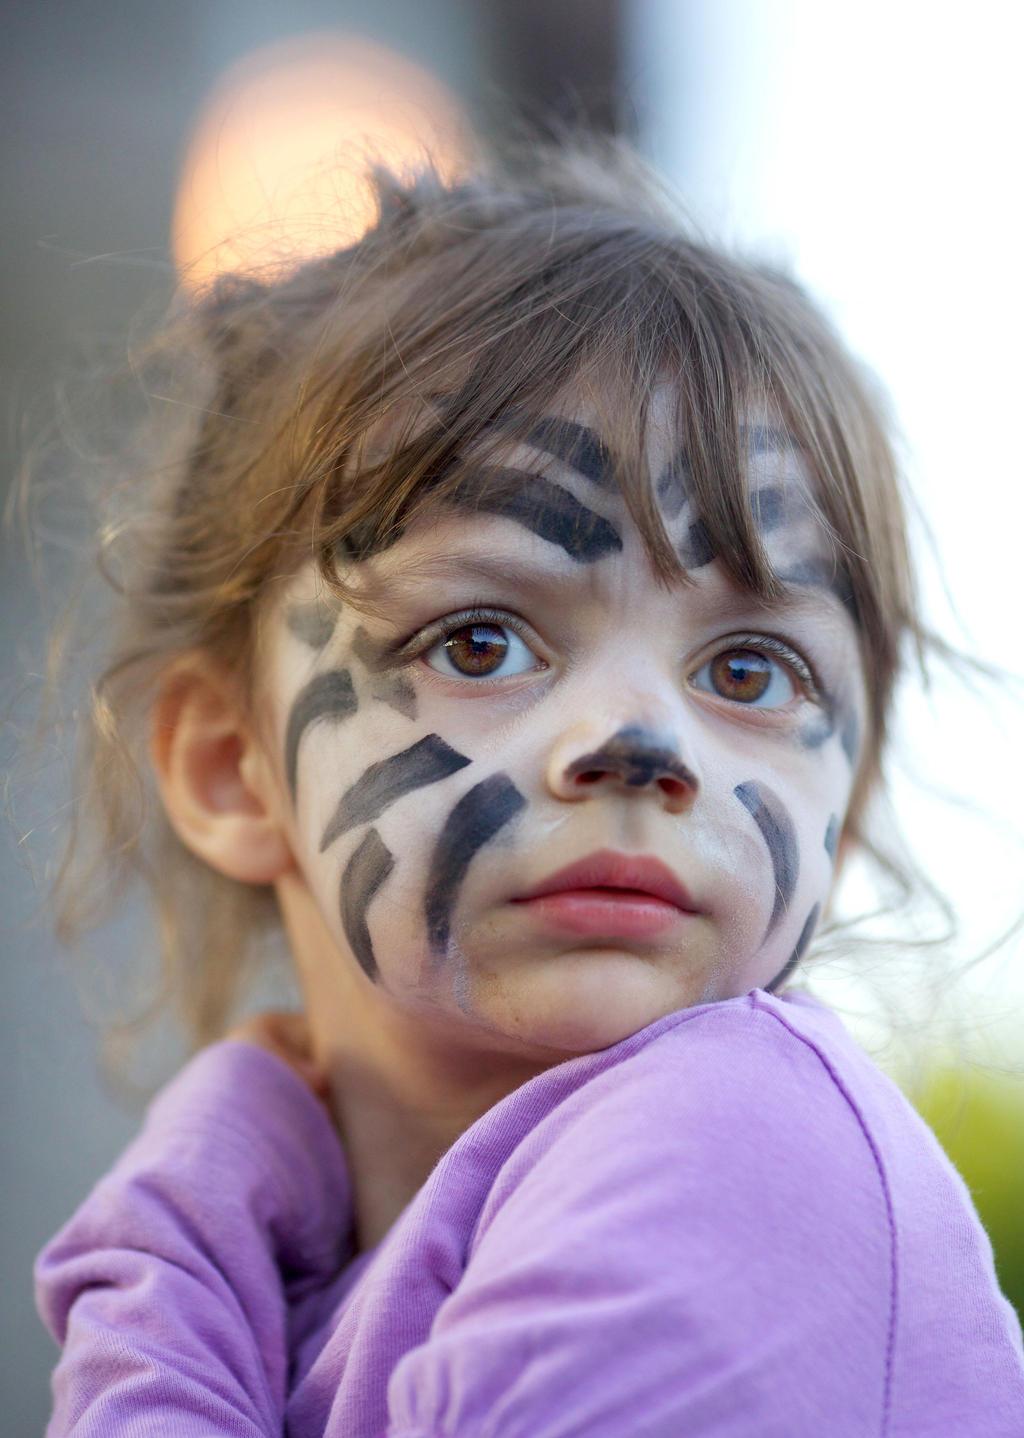 Zebra child by EyeOfBoa